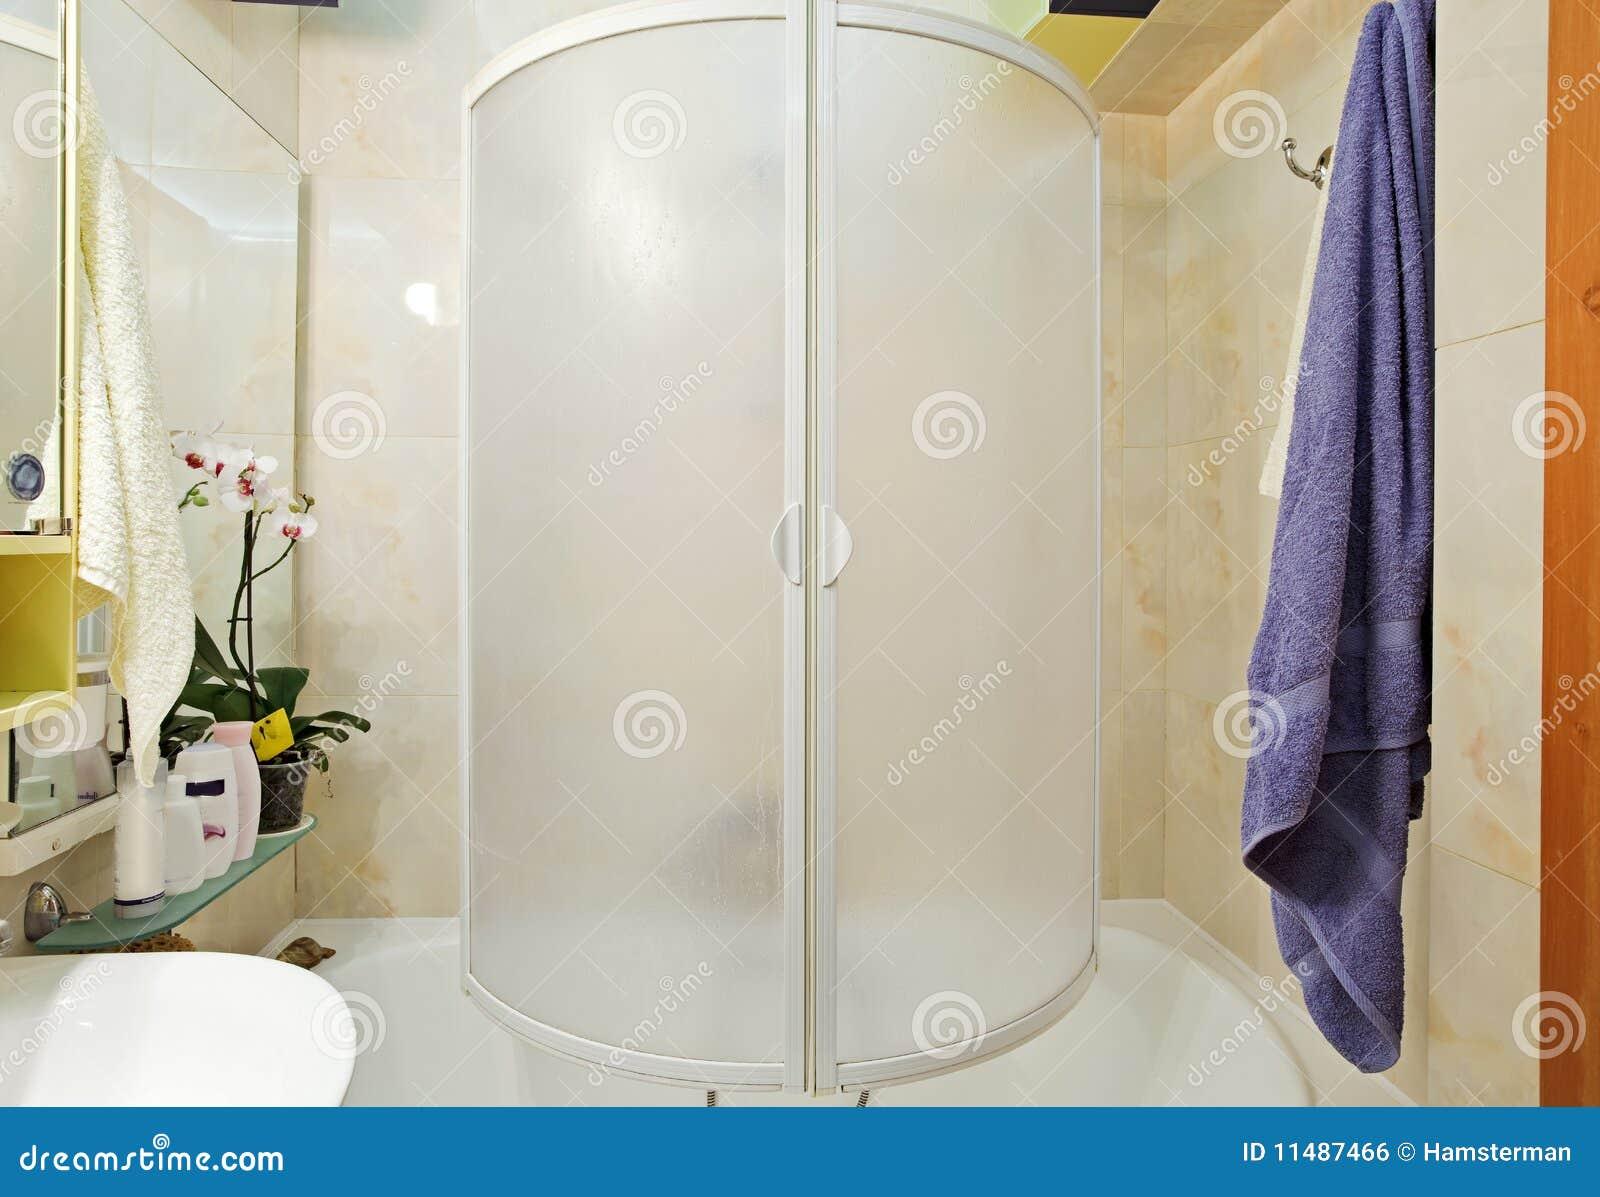 Modern klein douche bad met blauwe handdoek stock foto